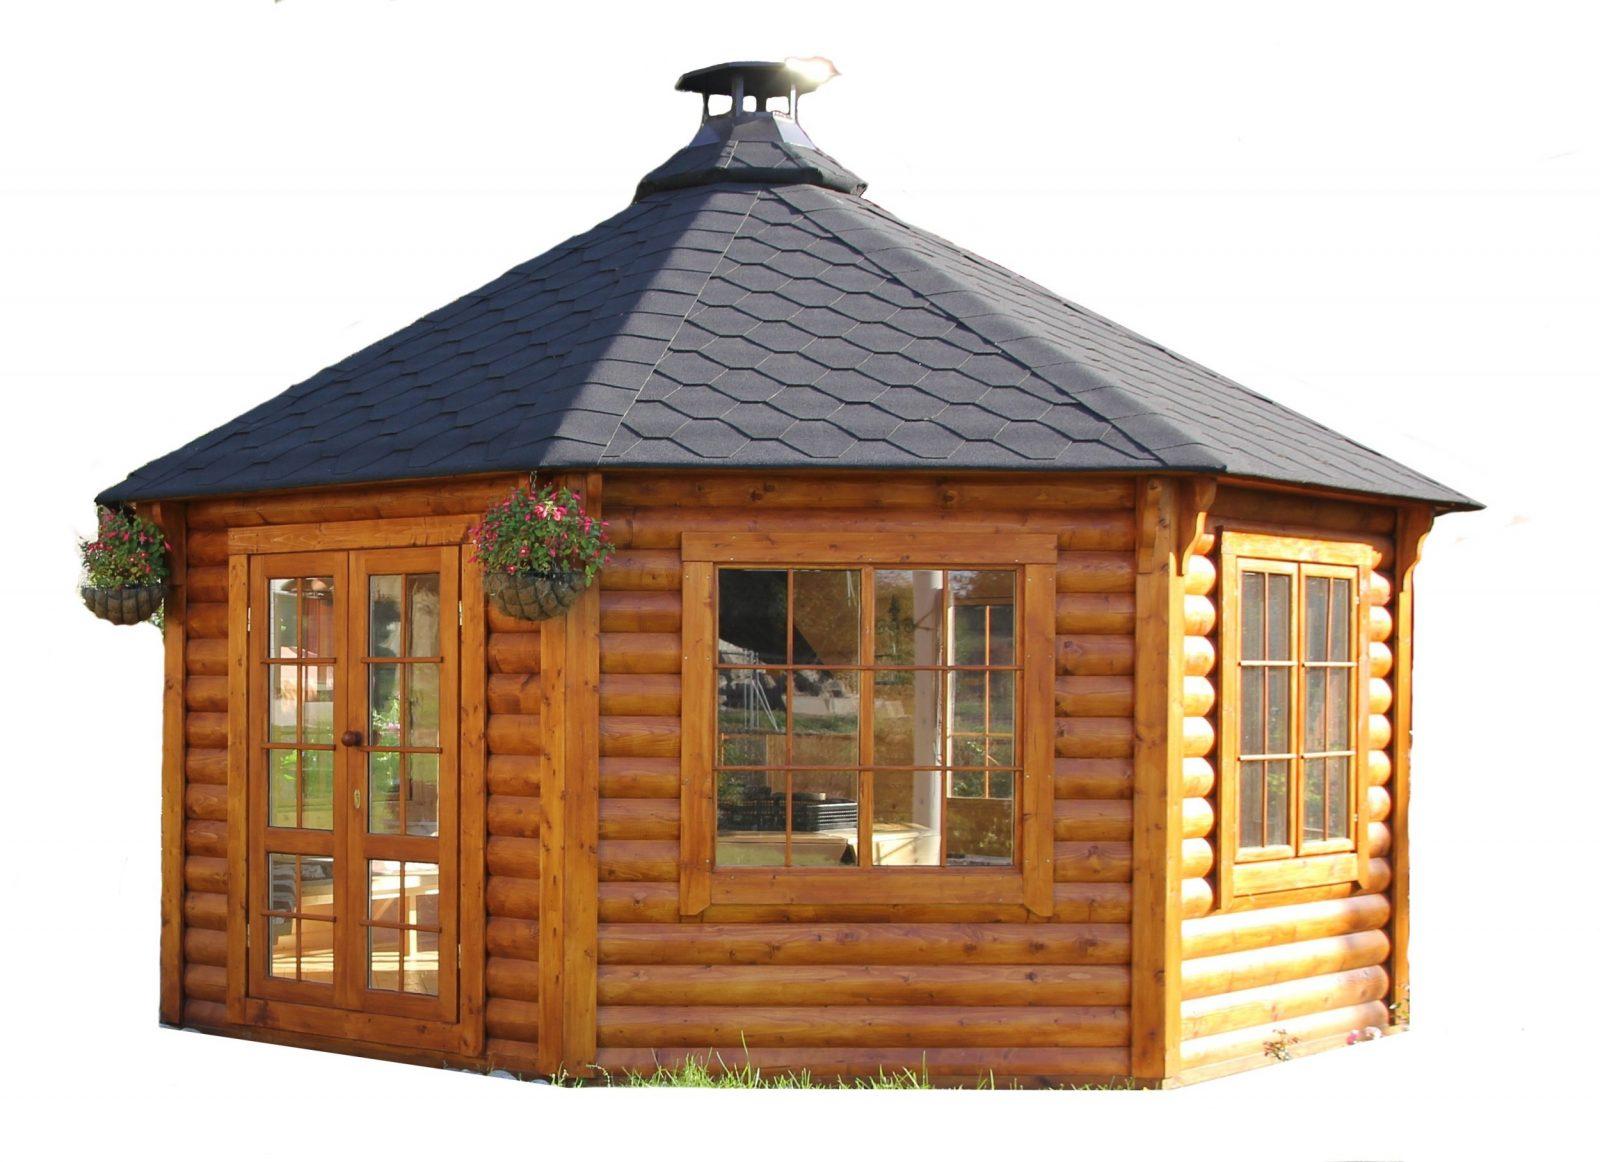 Gartenpavillon (Gartenhaus) Aus Bestem Holz Mit Grill Und Schornstein von Holz Pavillon Bausatz Günstig Photo